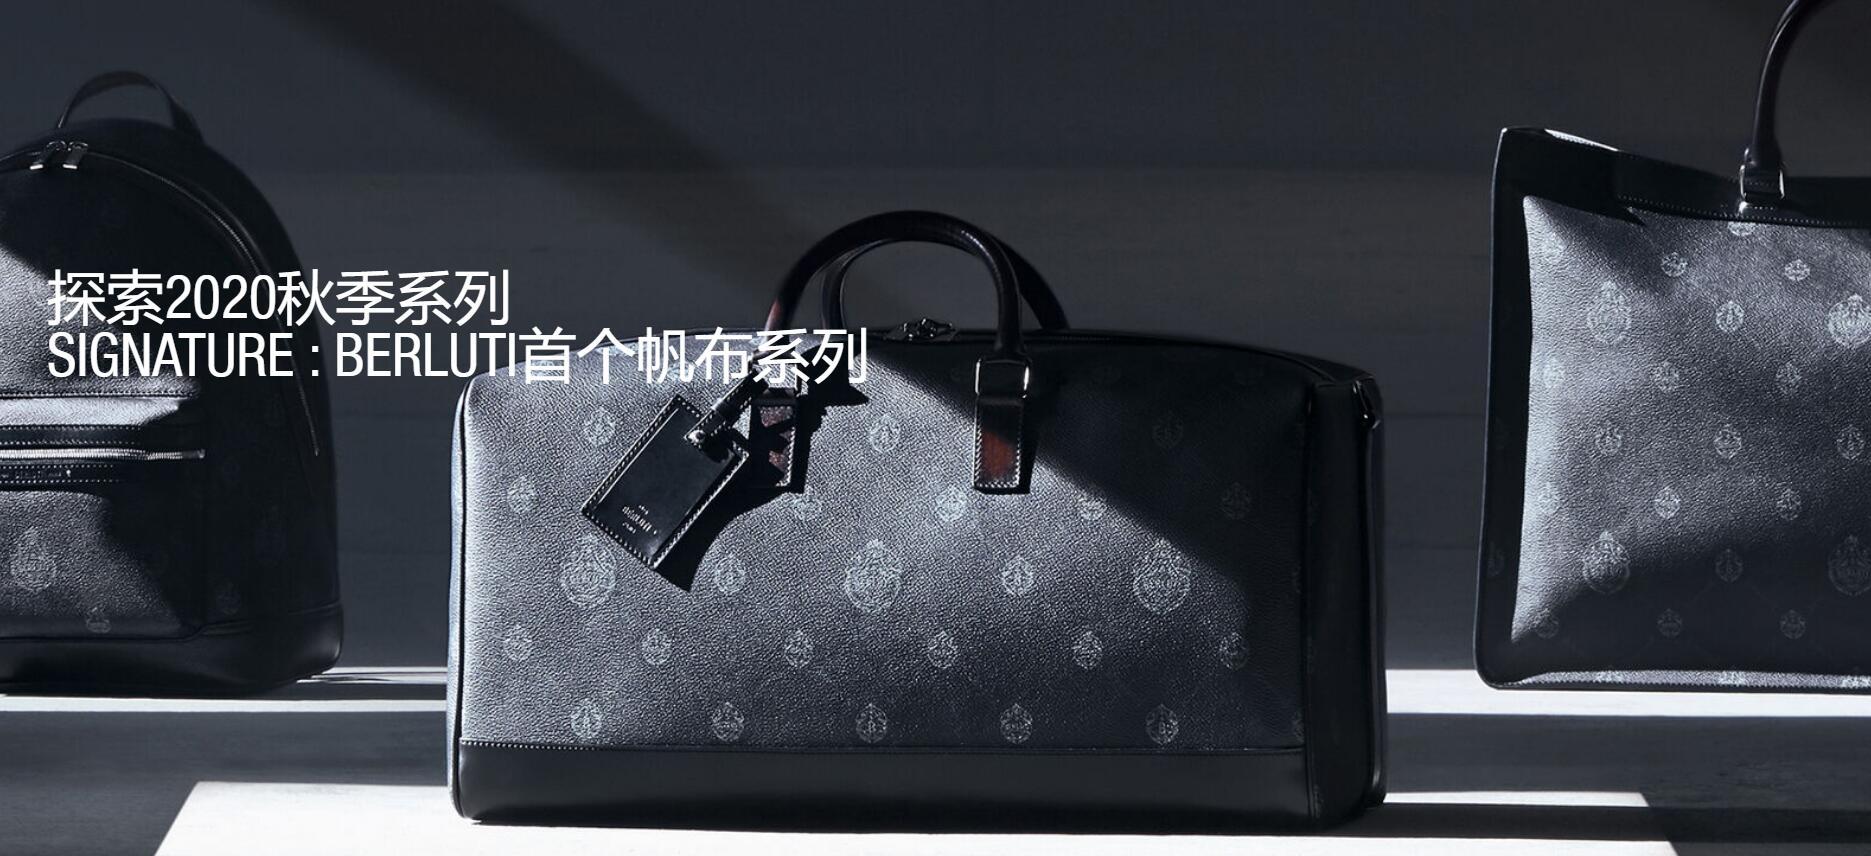 LVMH集团旗下免税店巨头 DFS成为深圳免税集团旗下电商公司第二大股东